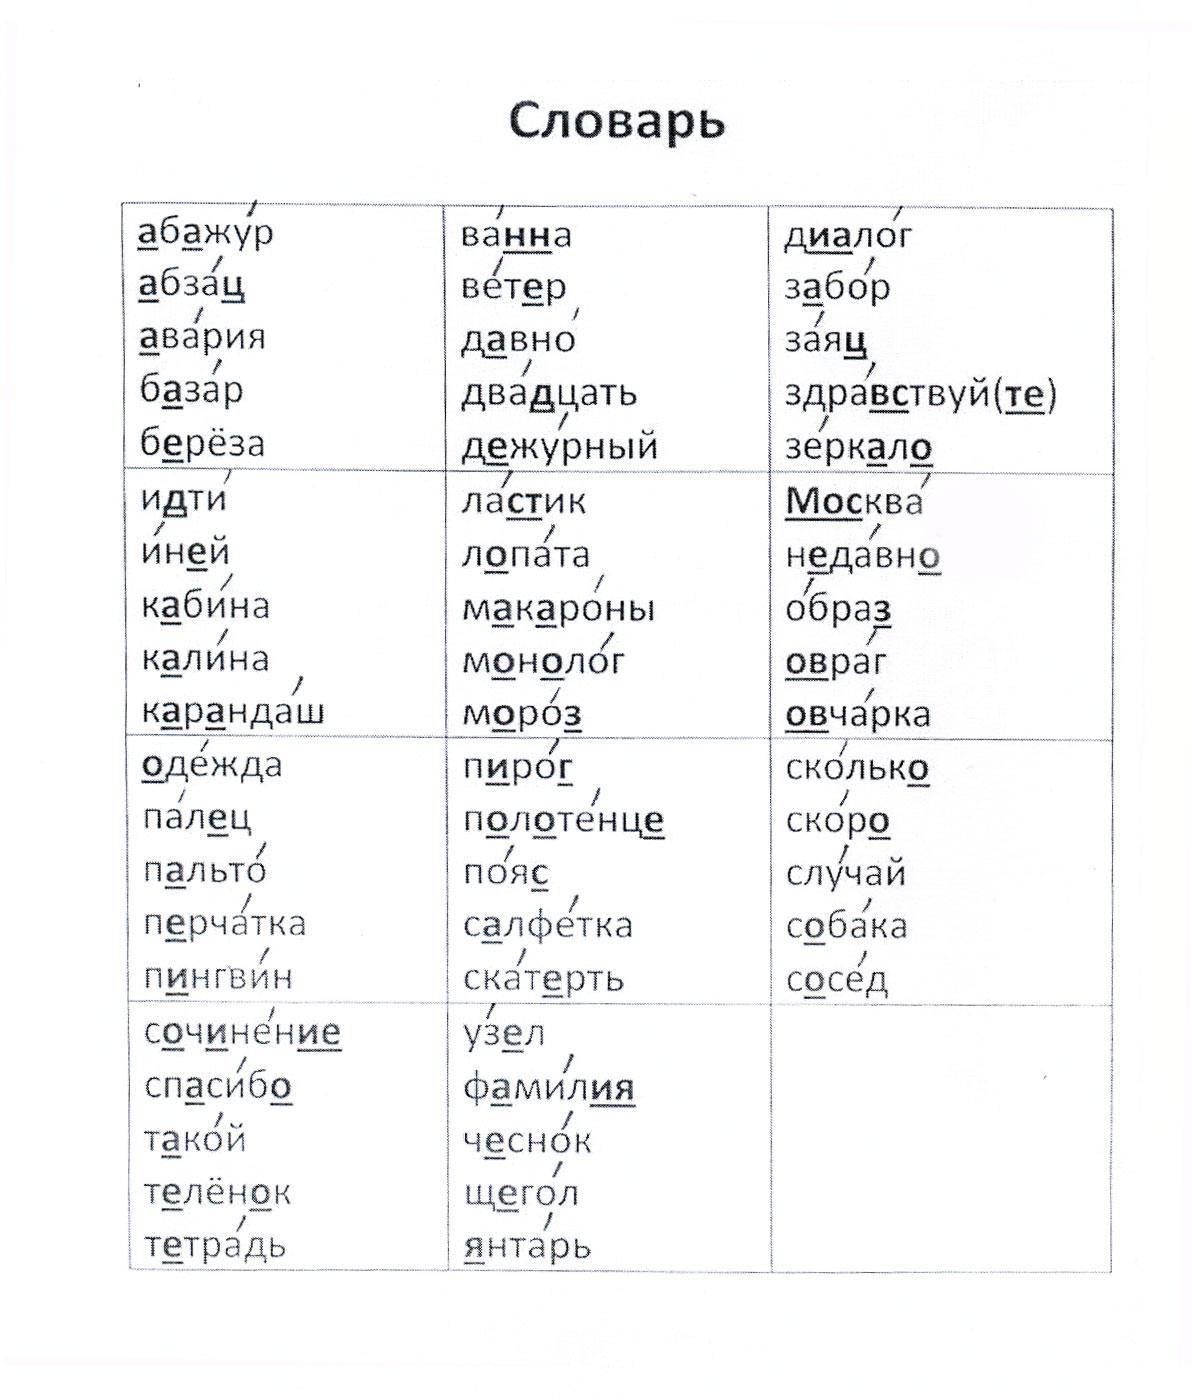 найму словарные слова 1 класс школа россии список металлические